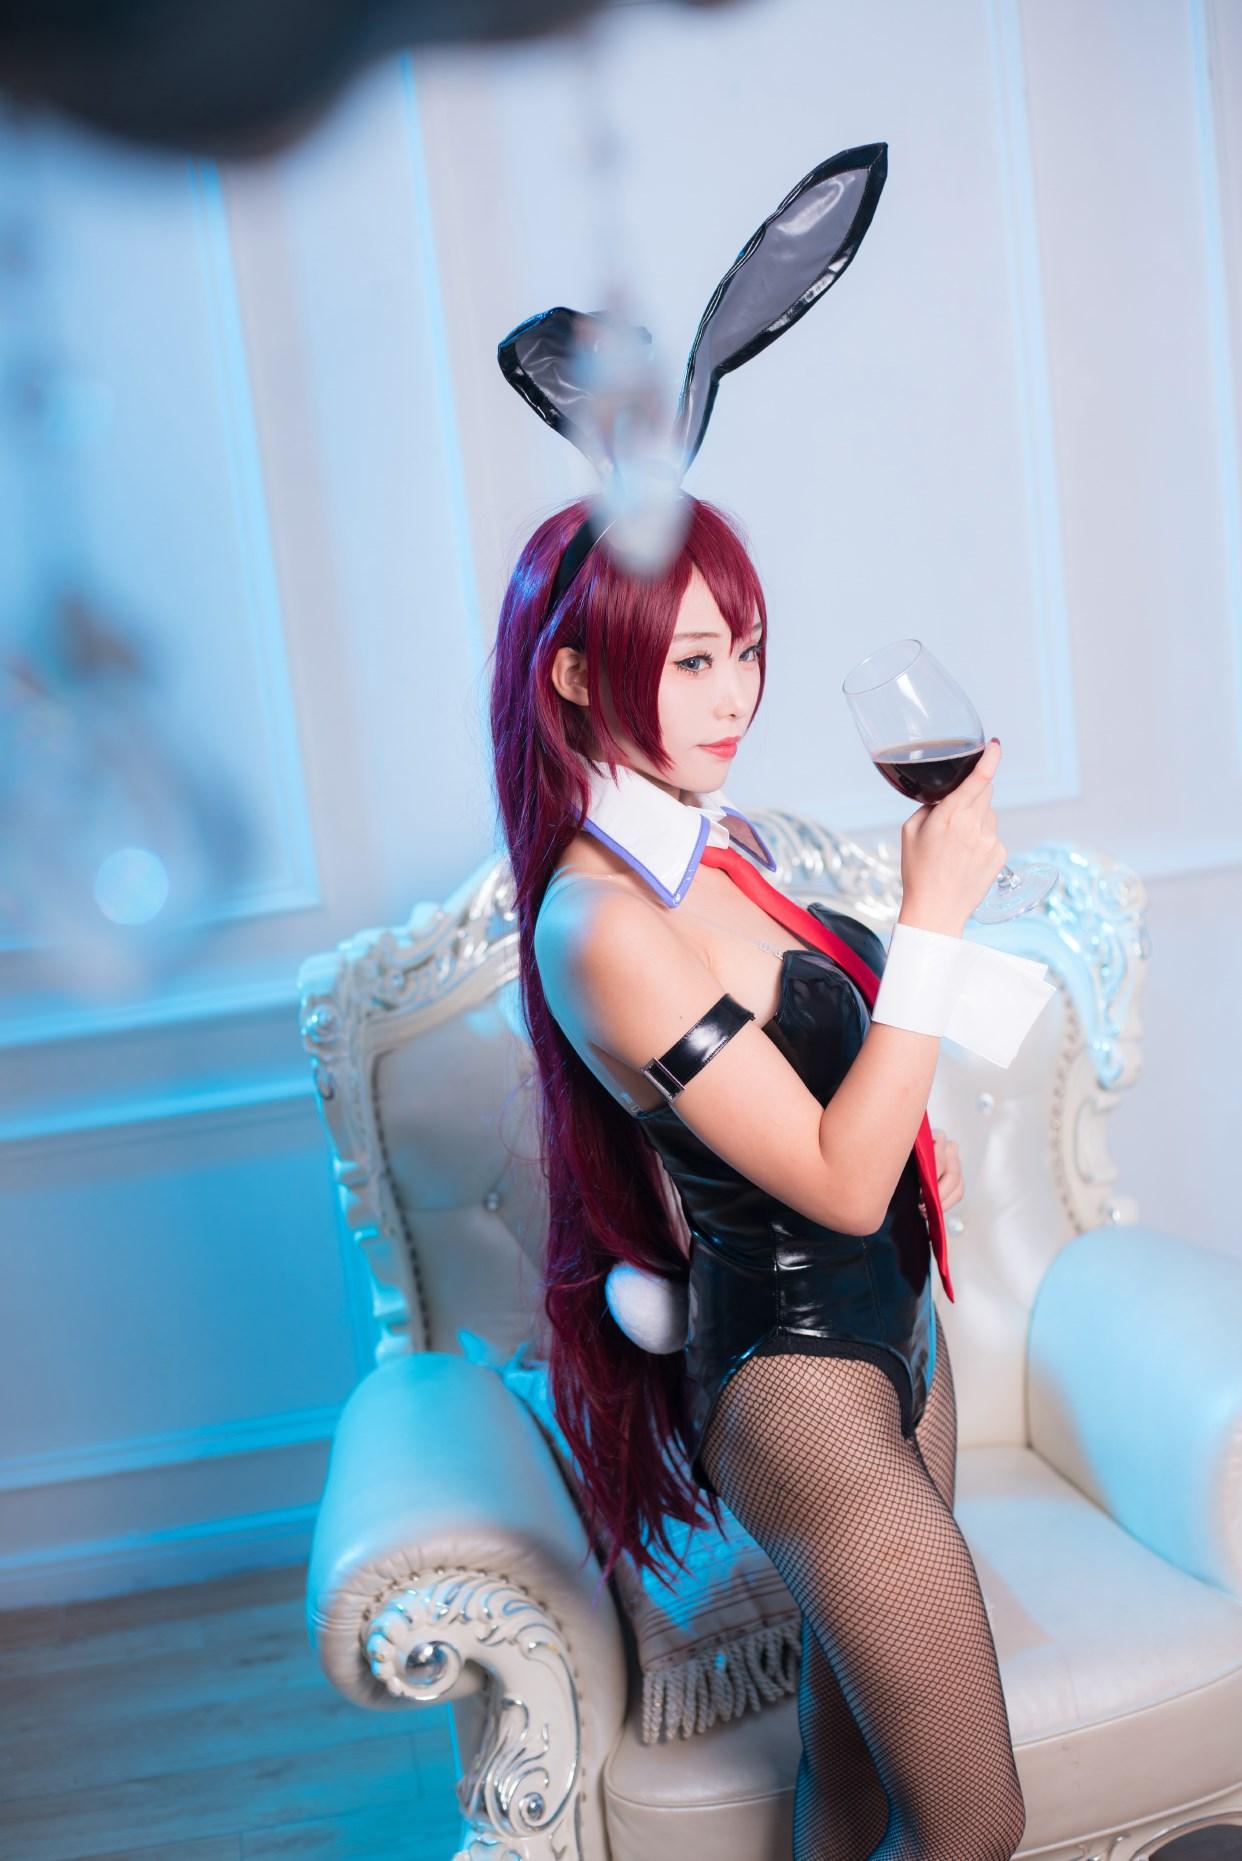 【兔玩映画】兔女郎vol.23-助手 兔玩映画 第36张